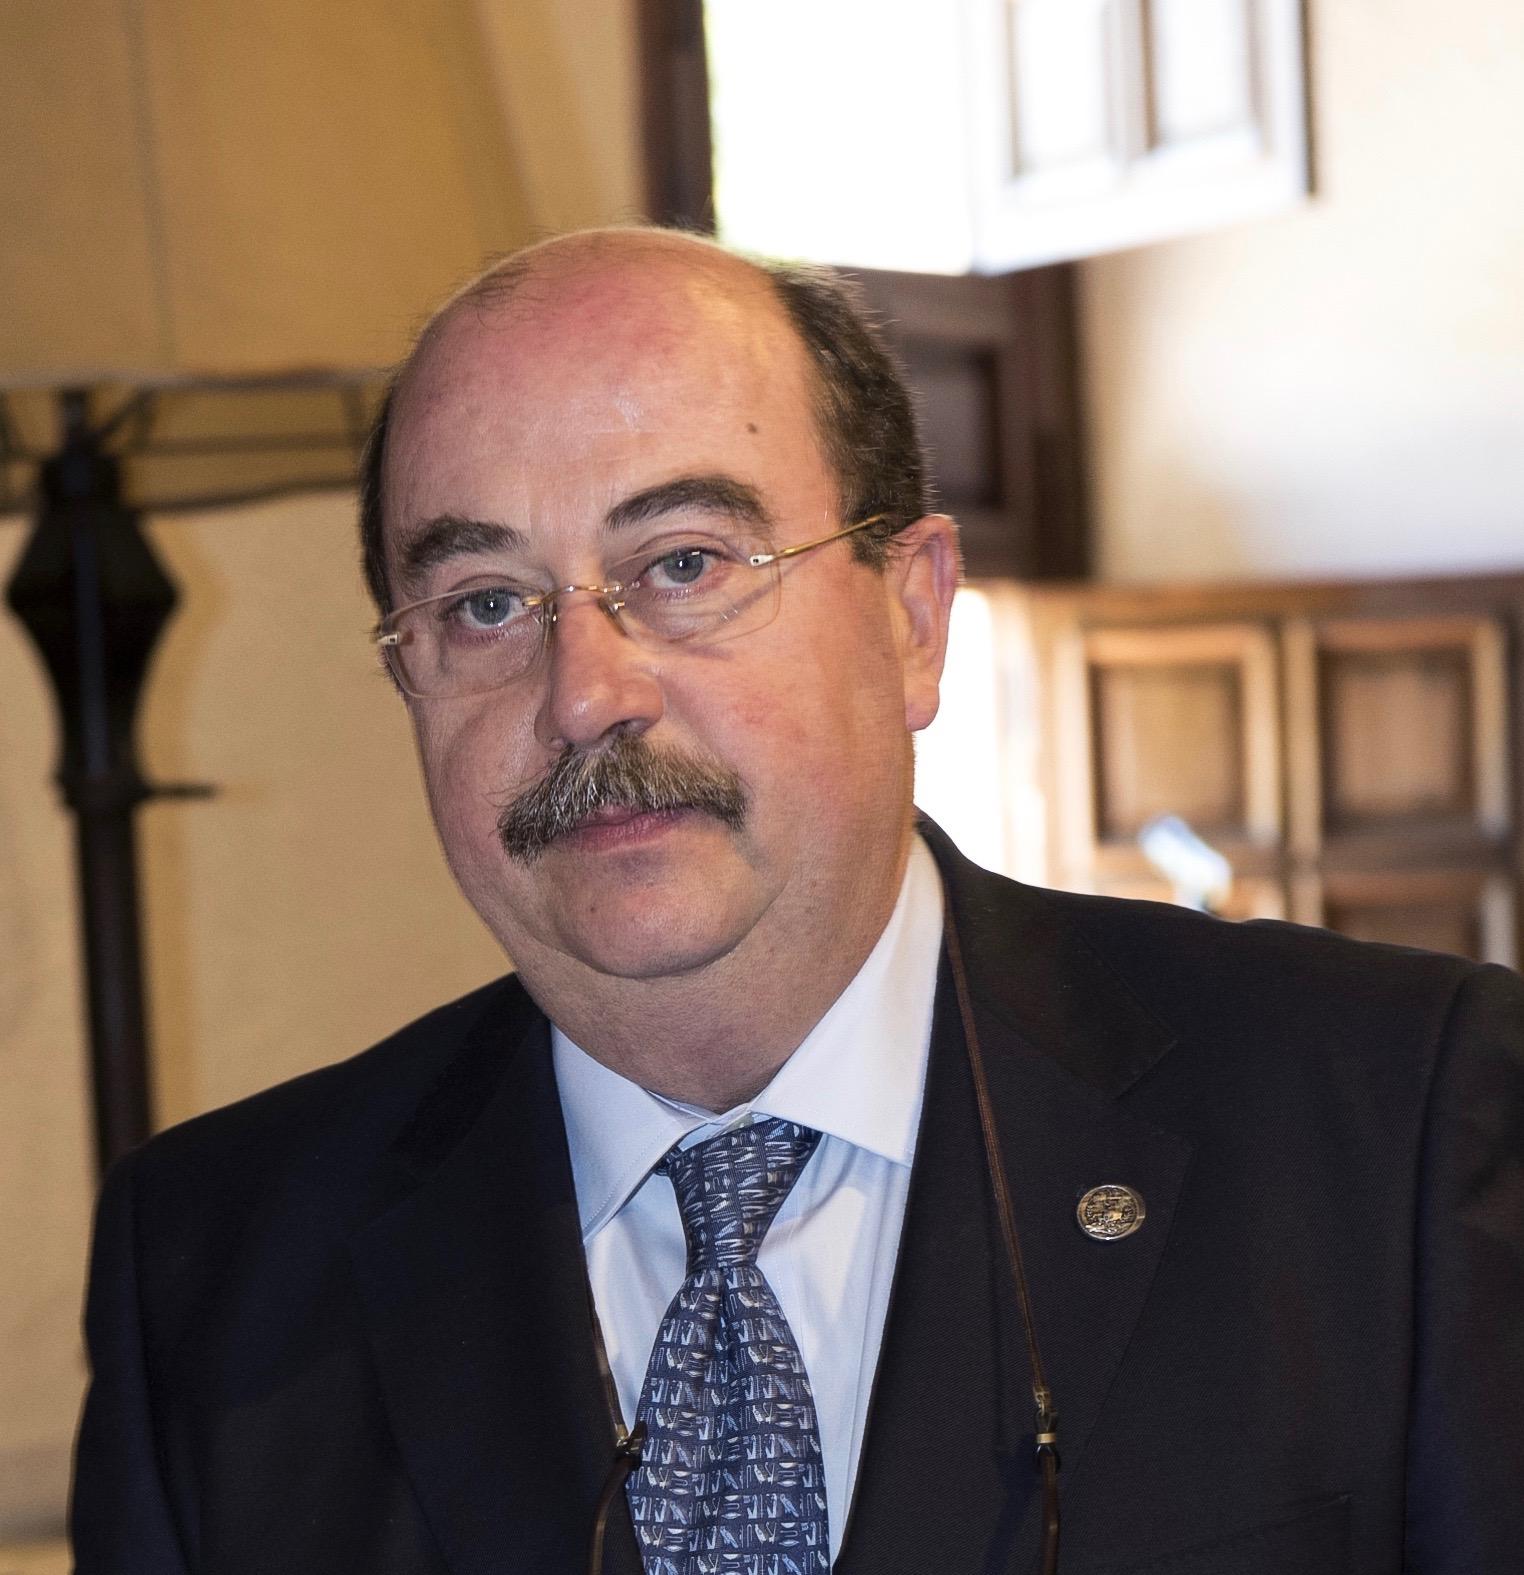 Ramón del Castillo Salmerón renueva mandato como decano de la Facultad de Odontología de la UGR